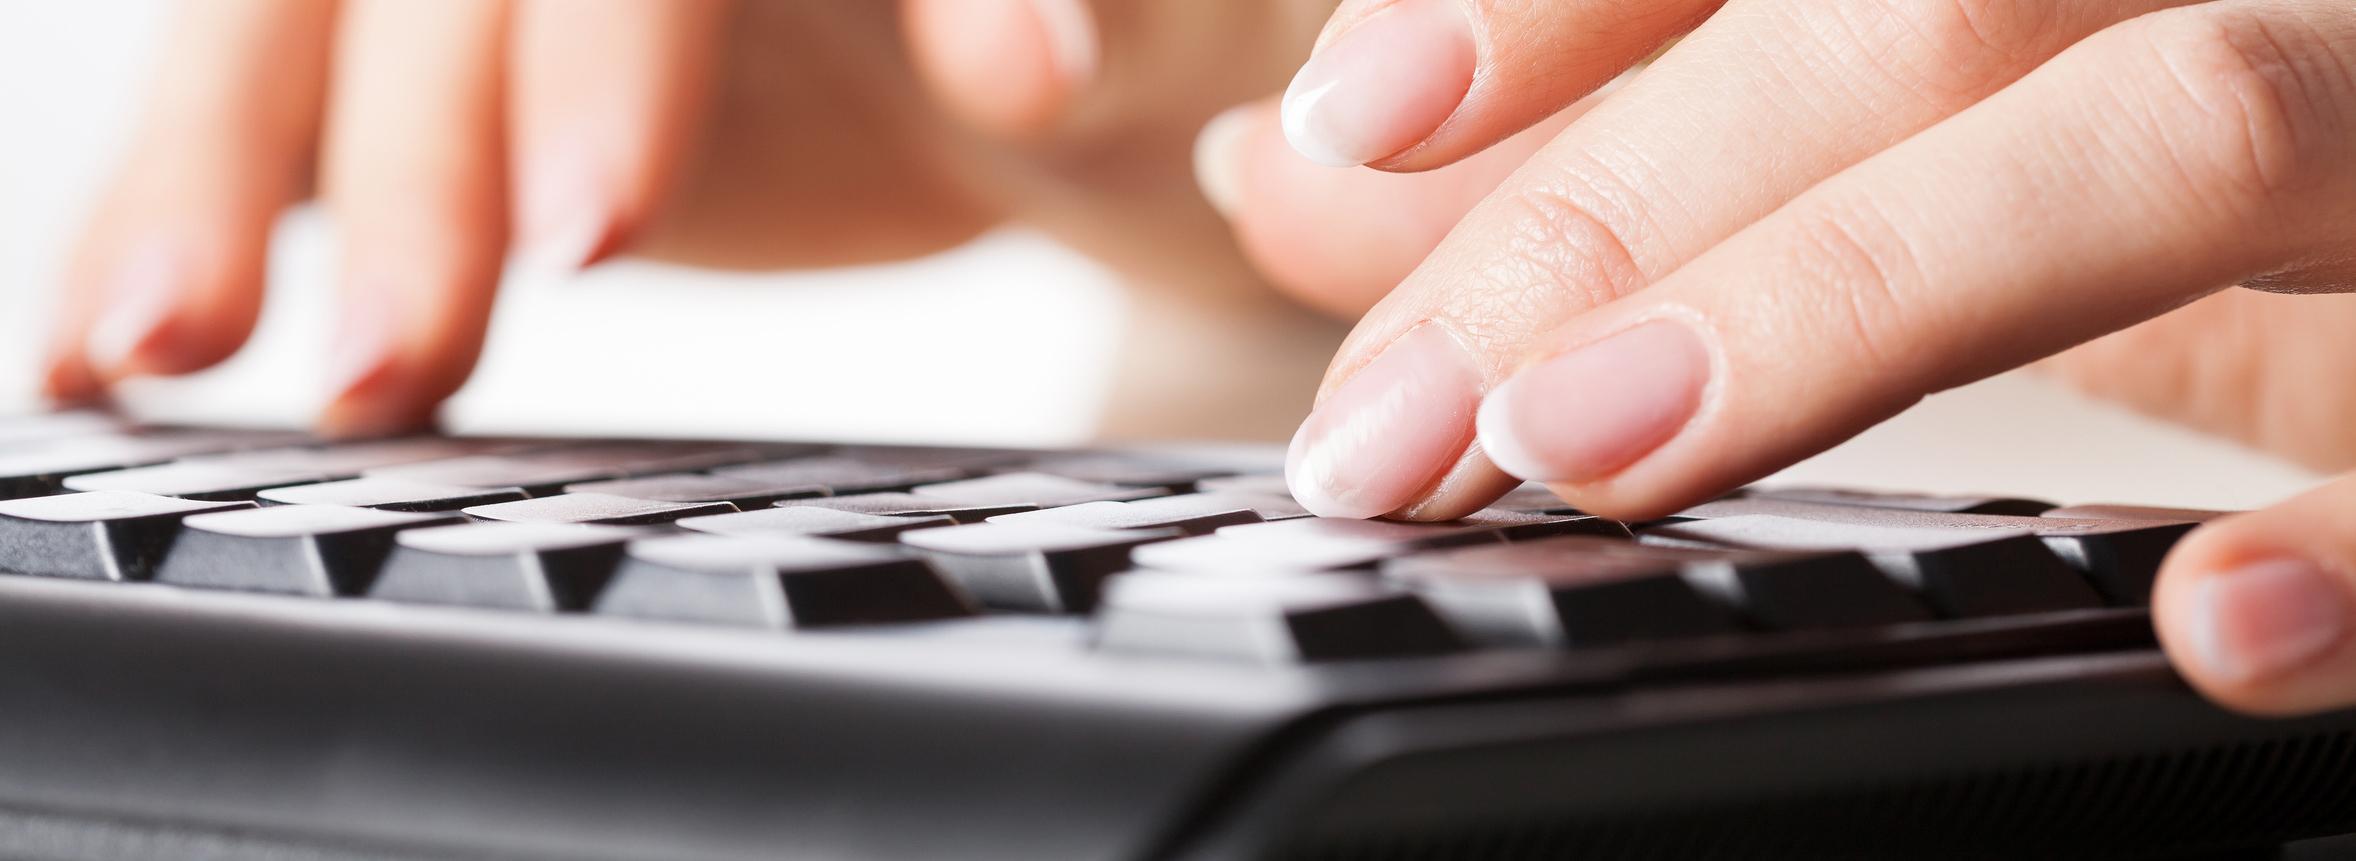 TPE/PME à la recherche d'un financement